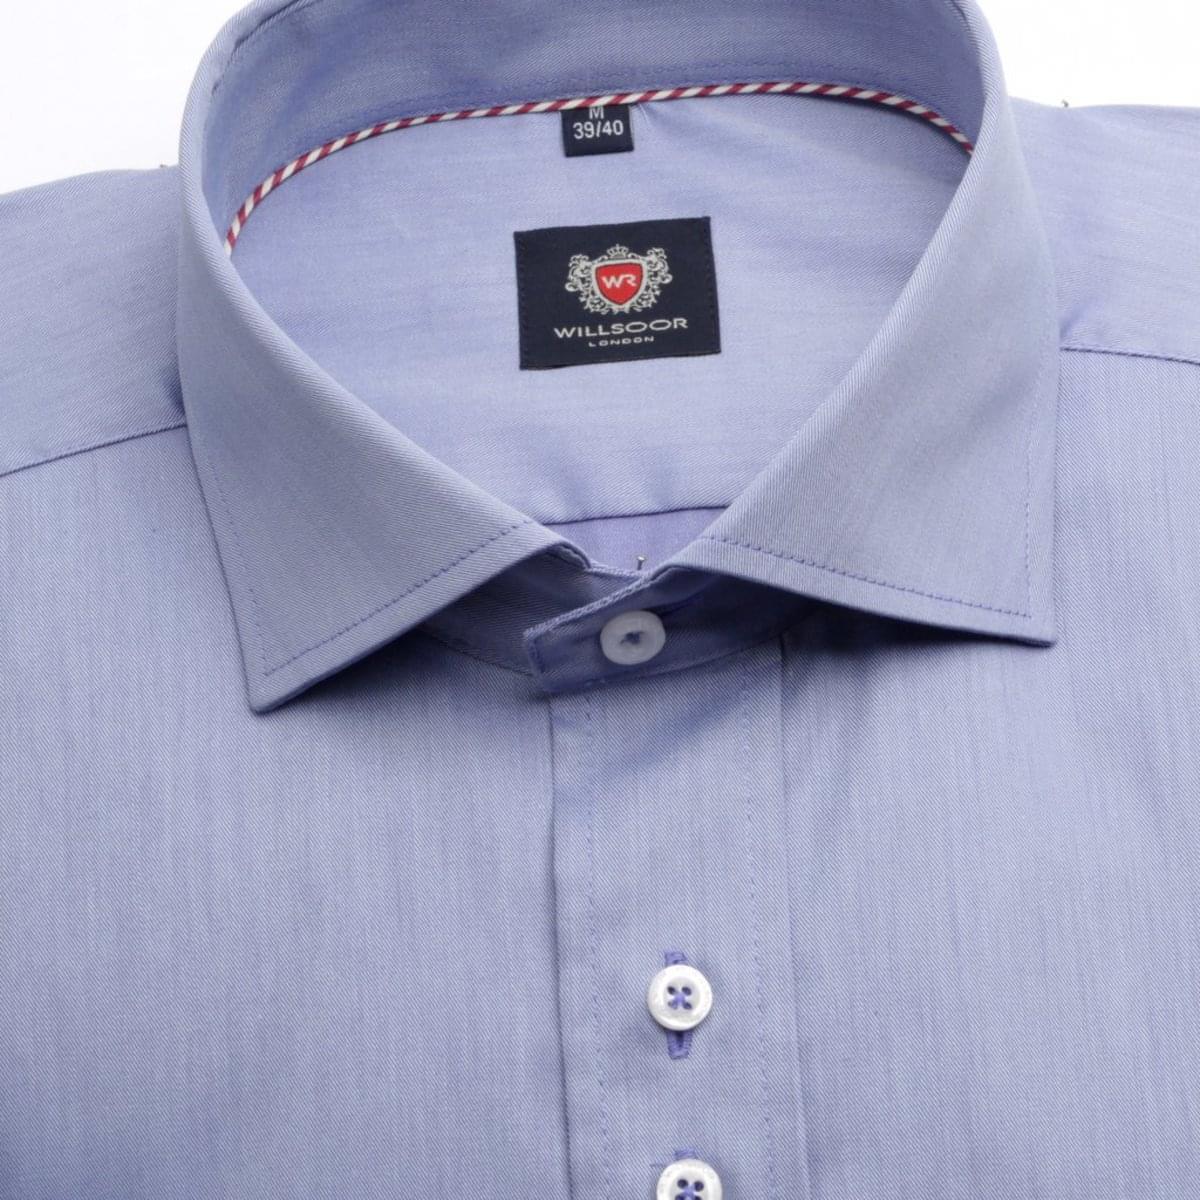 Košile WR London (výška 176-182) 4368 176-182 / XL (43/44)